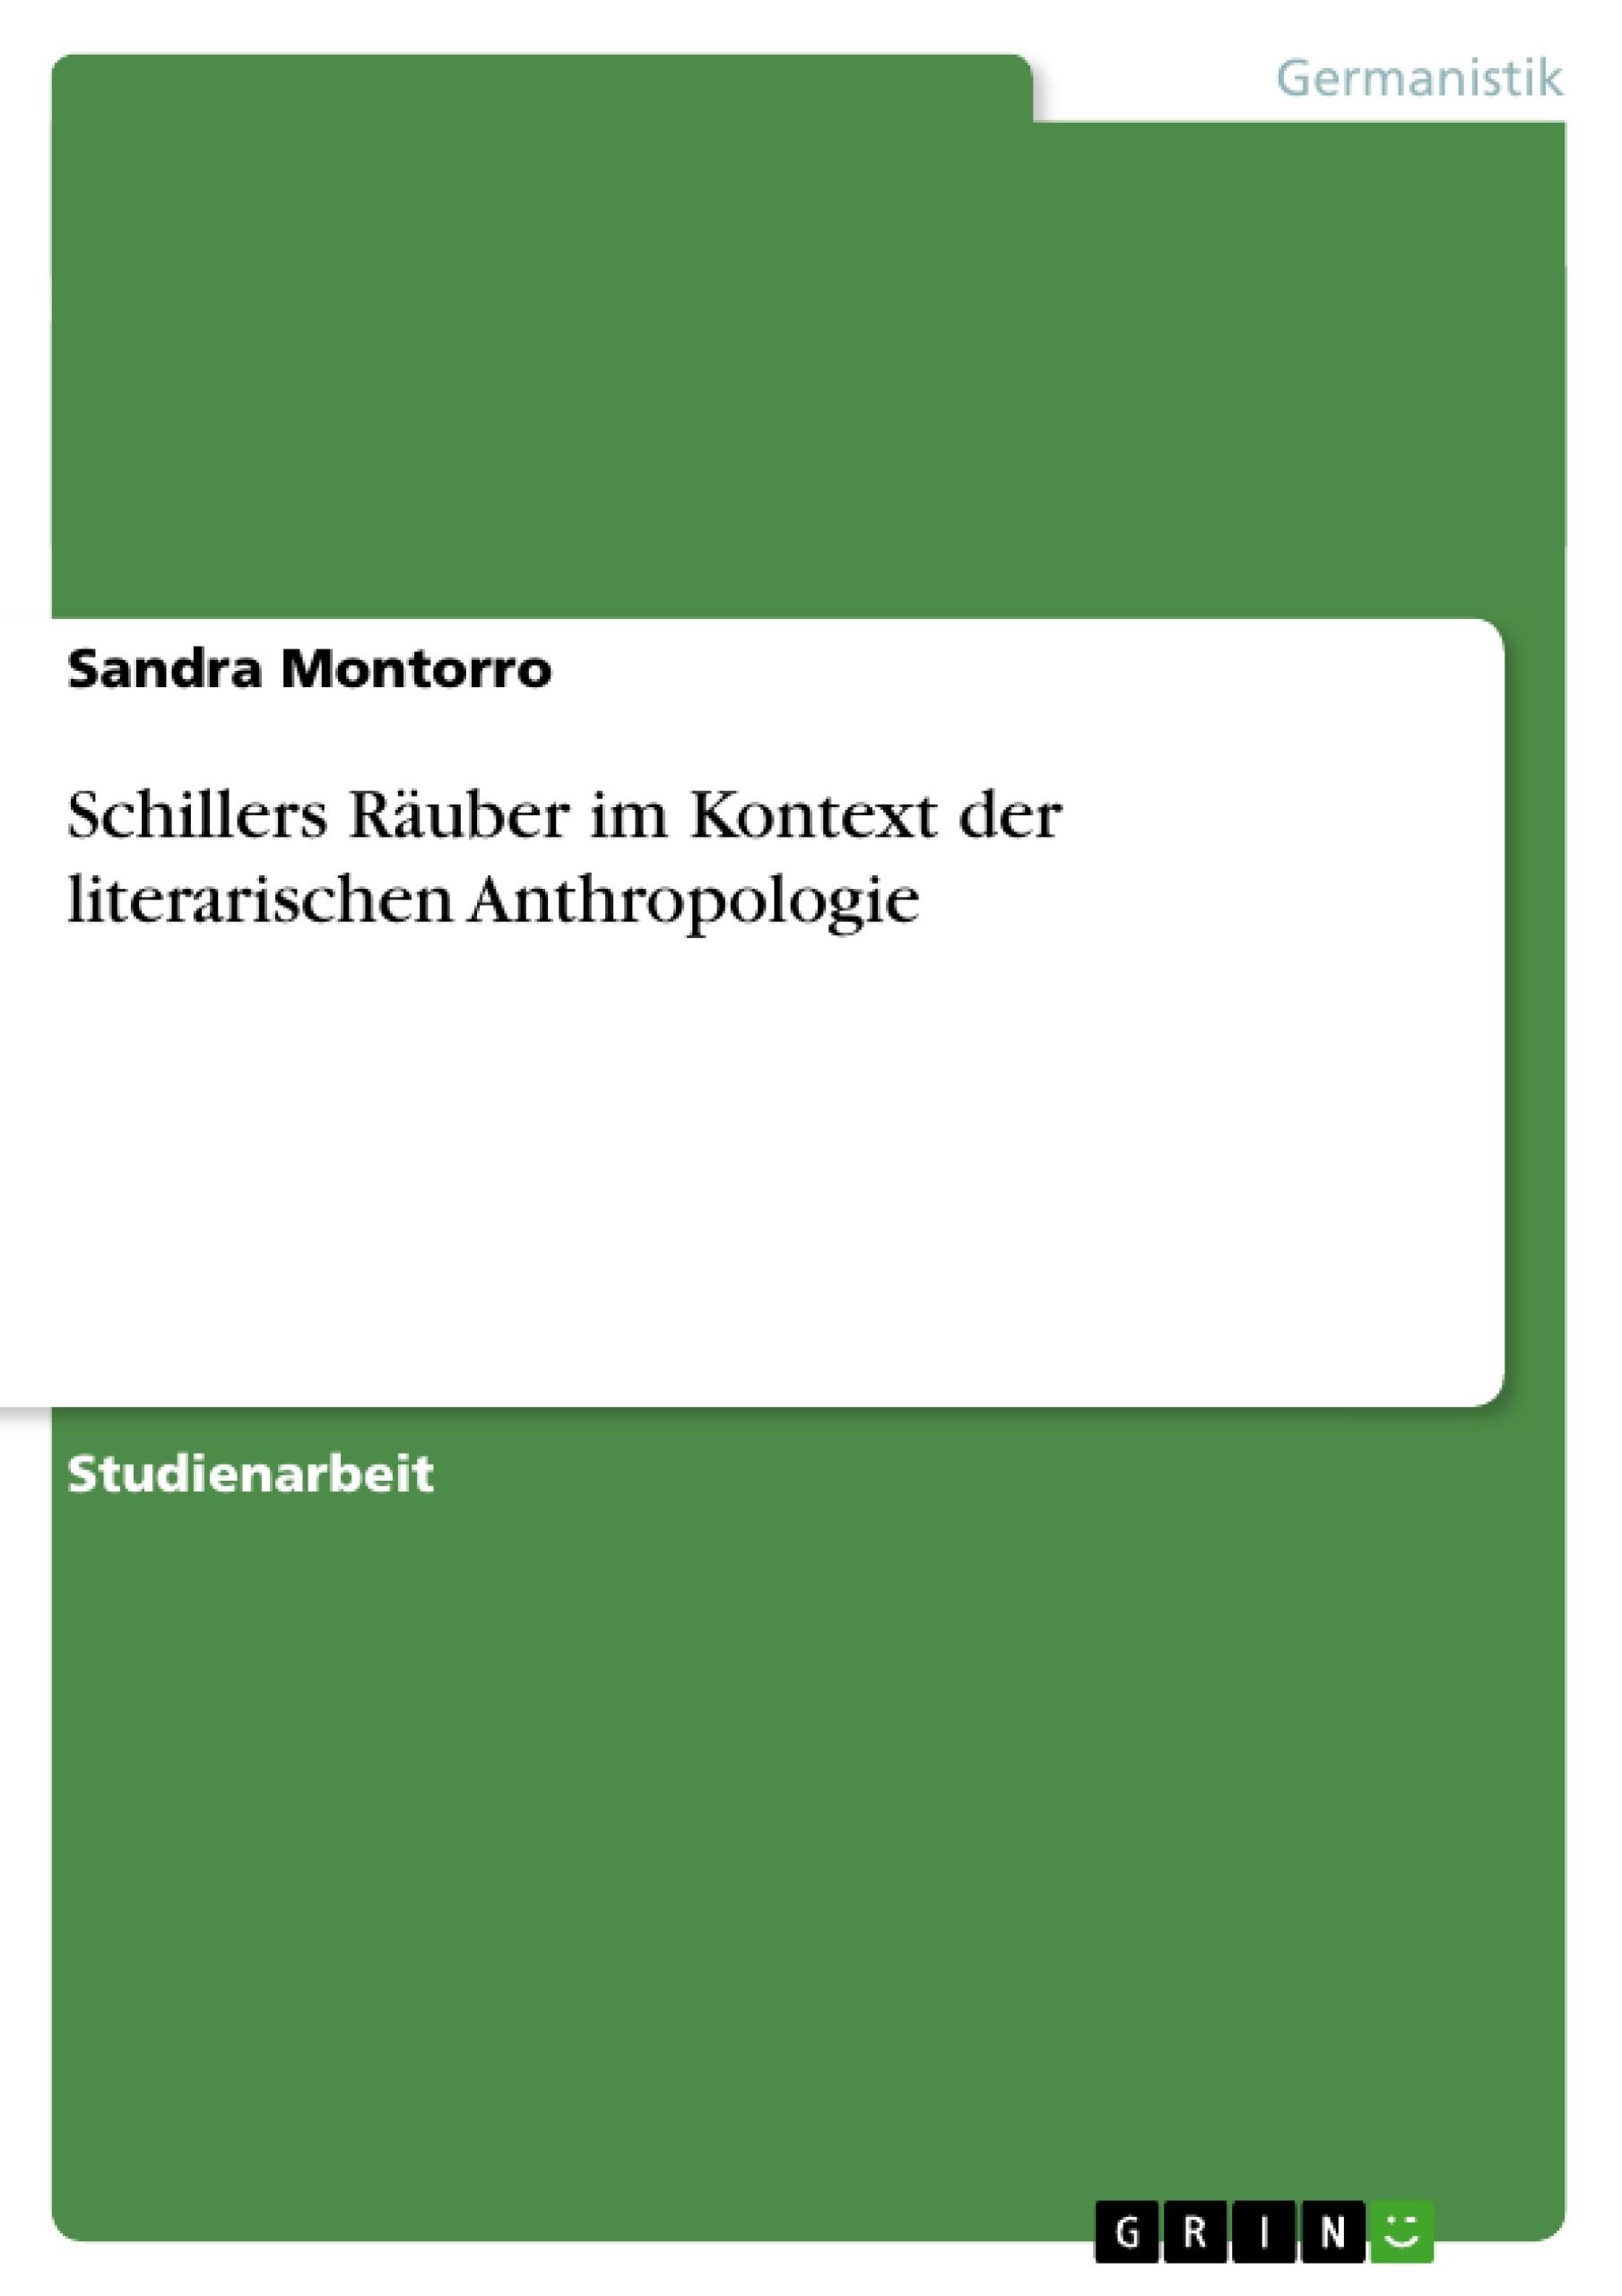 Titel: Schillers Räuber im Kontext der literarischen Anthropologie